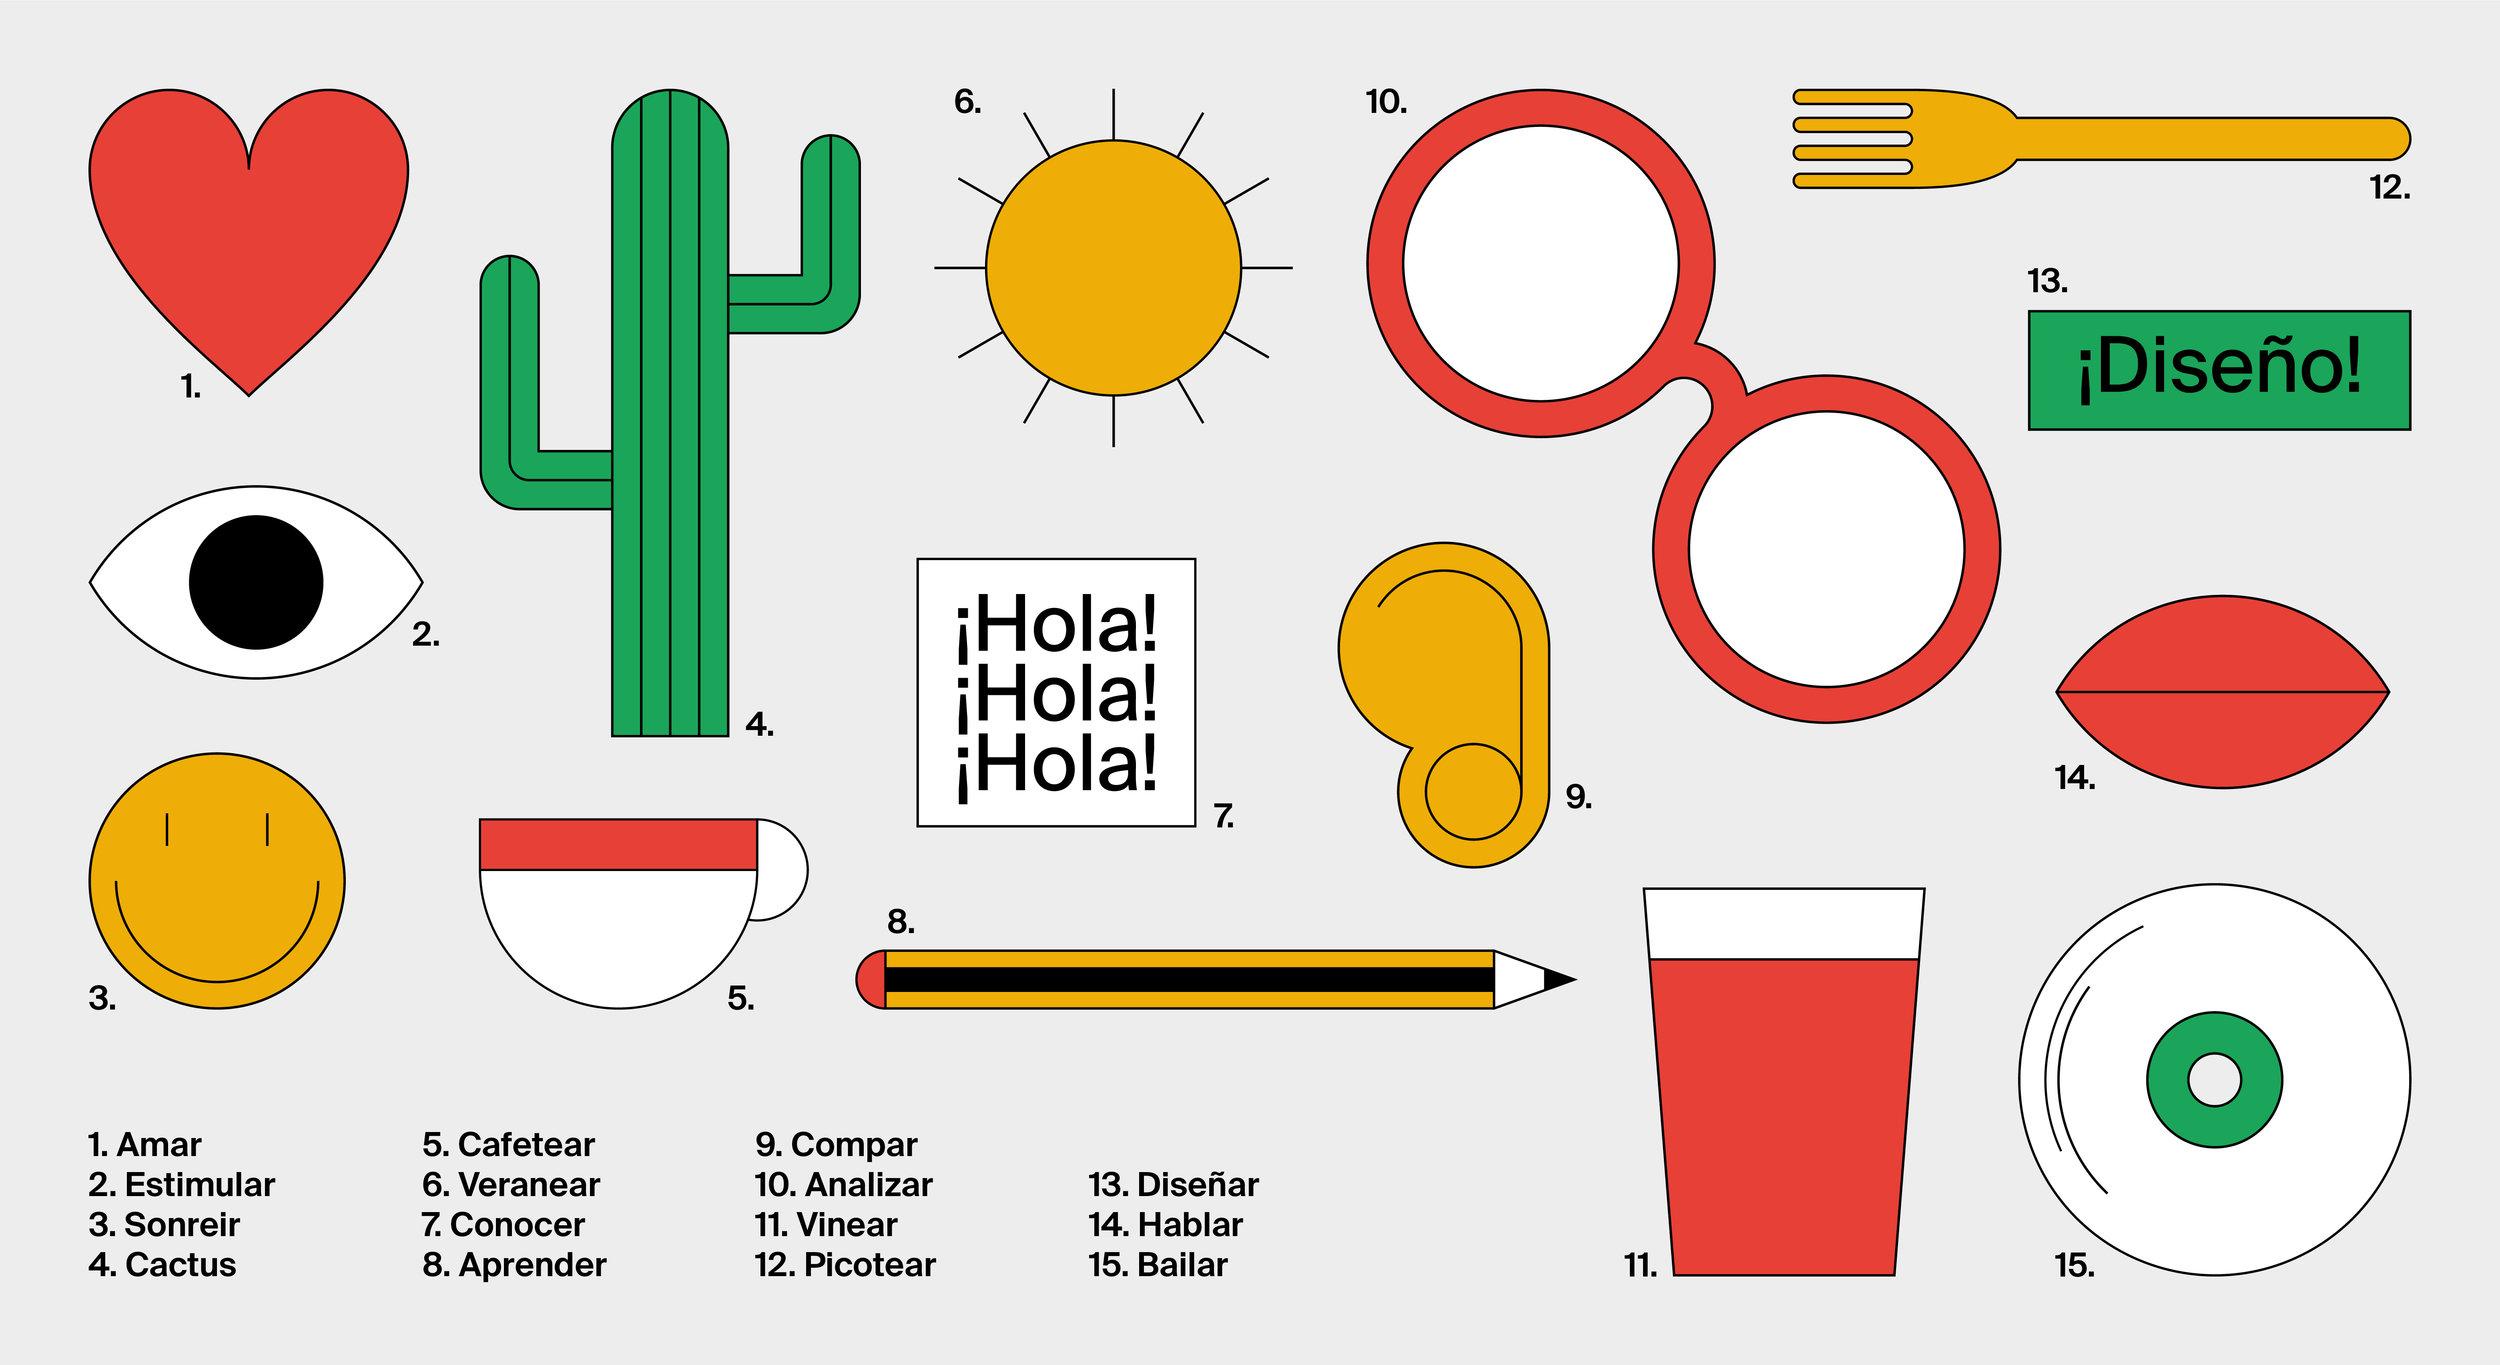 cactus_leyenda.jpg